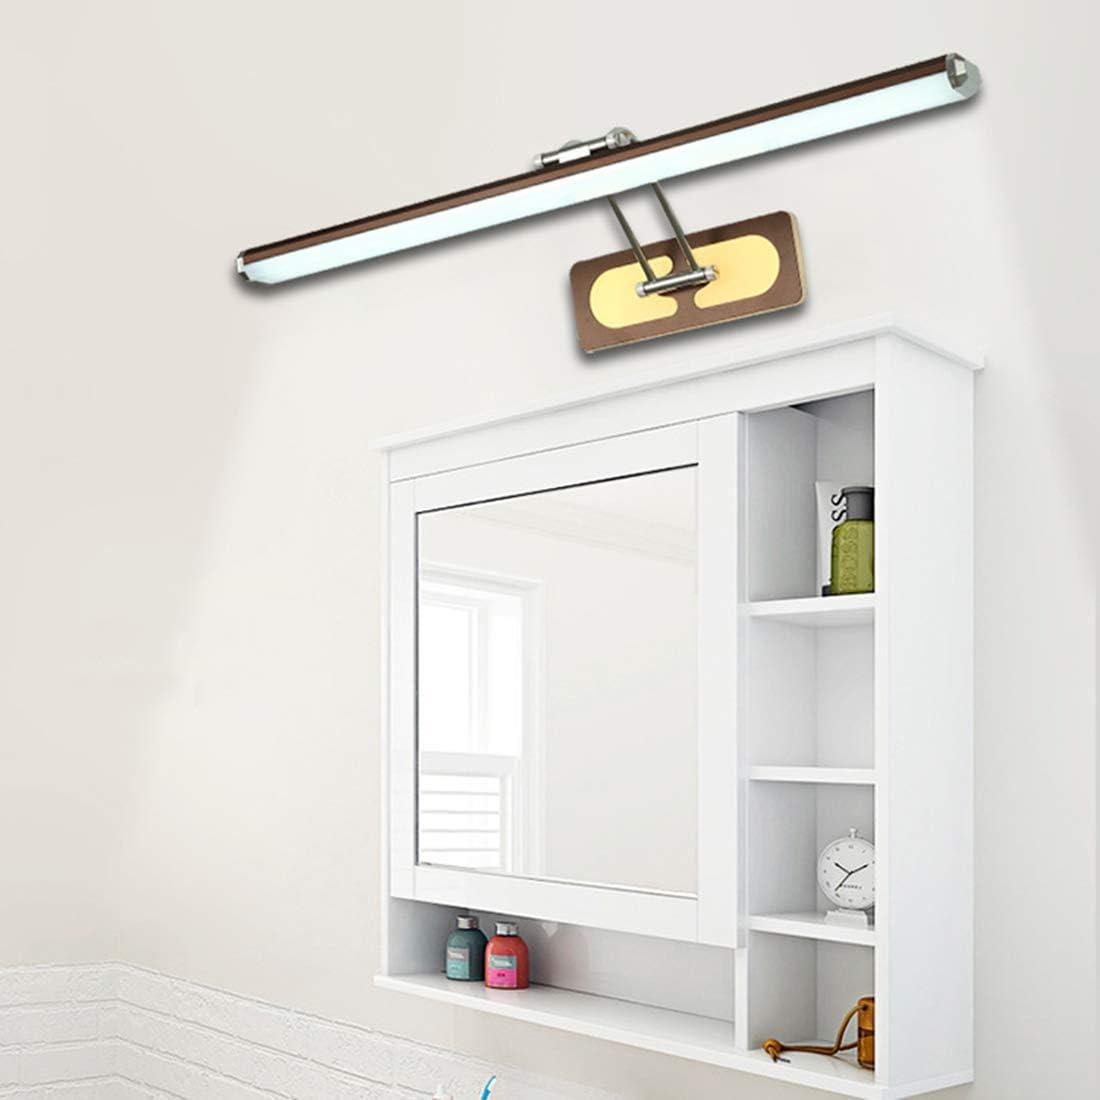 220V,22w59cm Brown LED Spiegelleuchte Dimmen Acryl Bad Wasserdicht Schminklicht Winkel Verstellbare Dekorative Spiegelschrank Licht